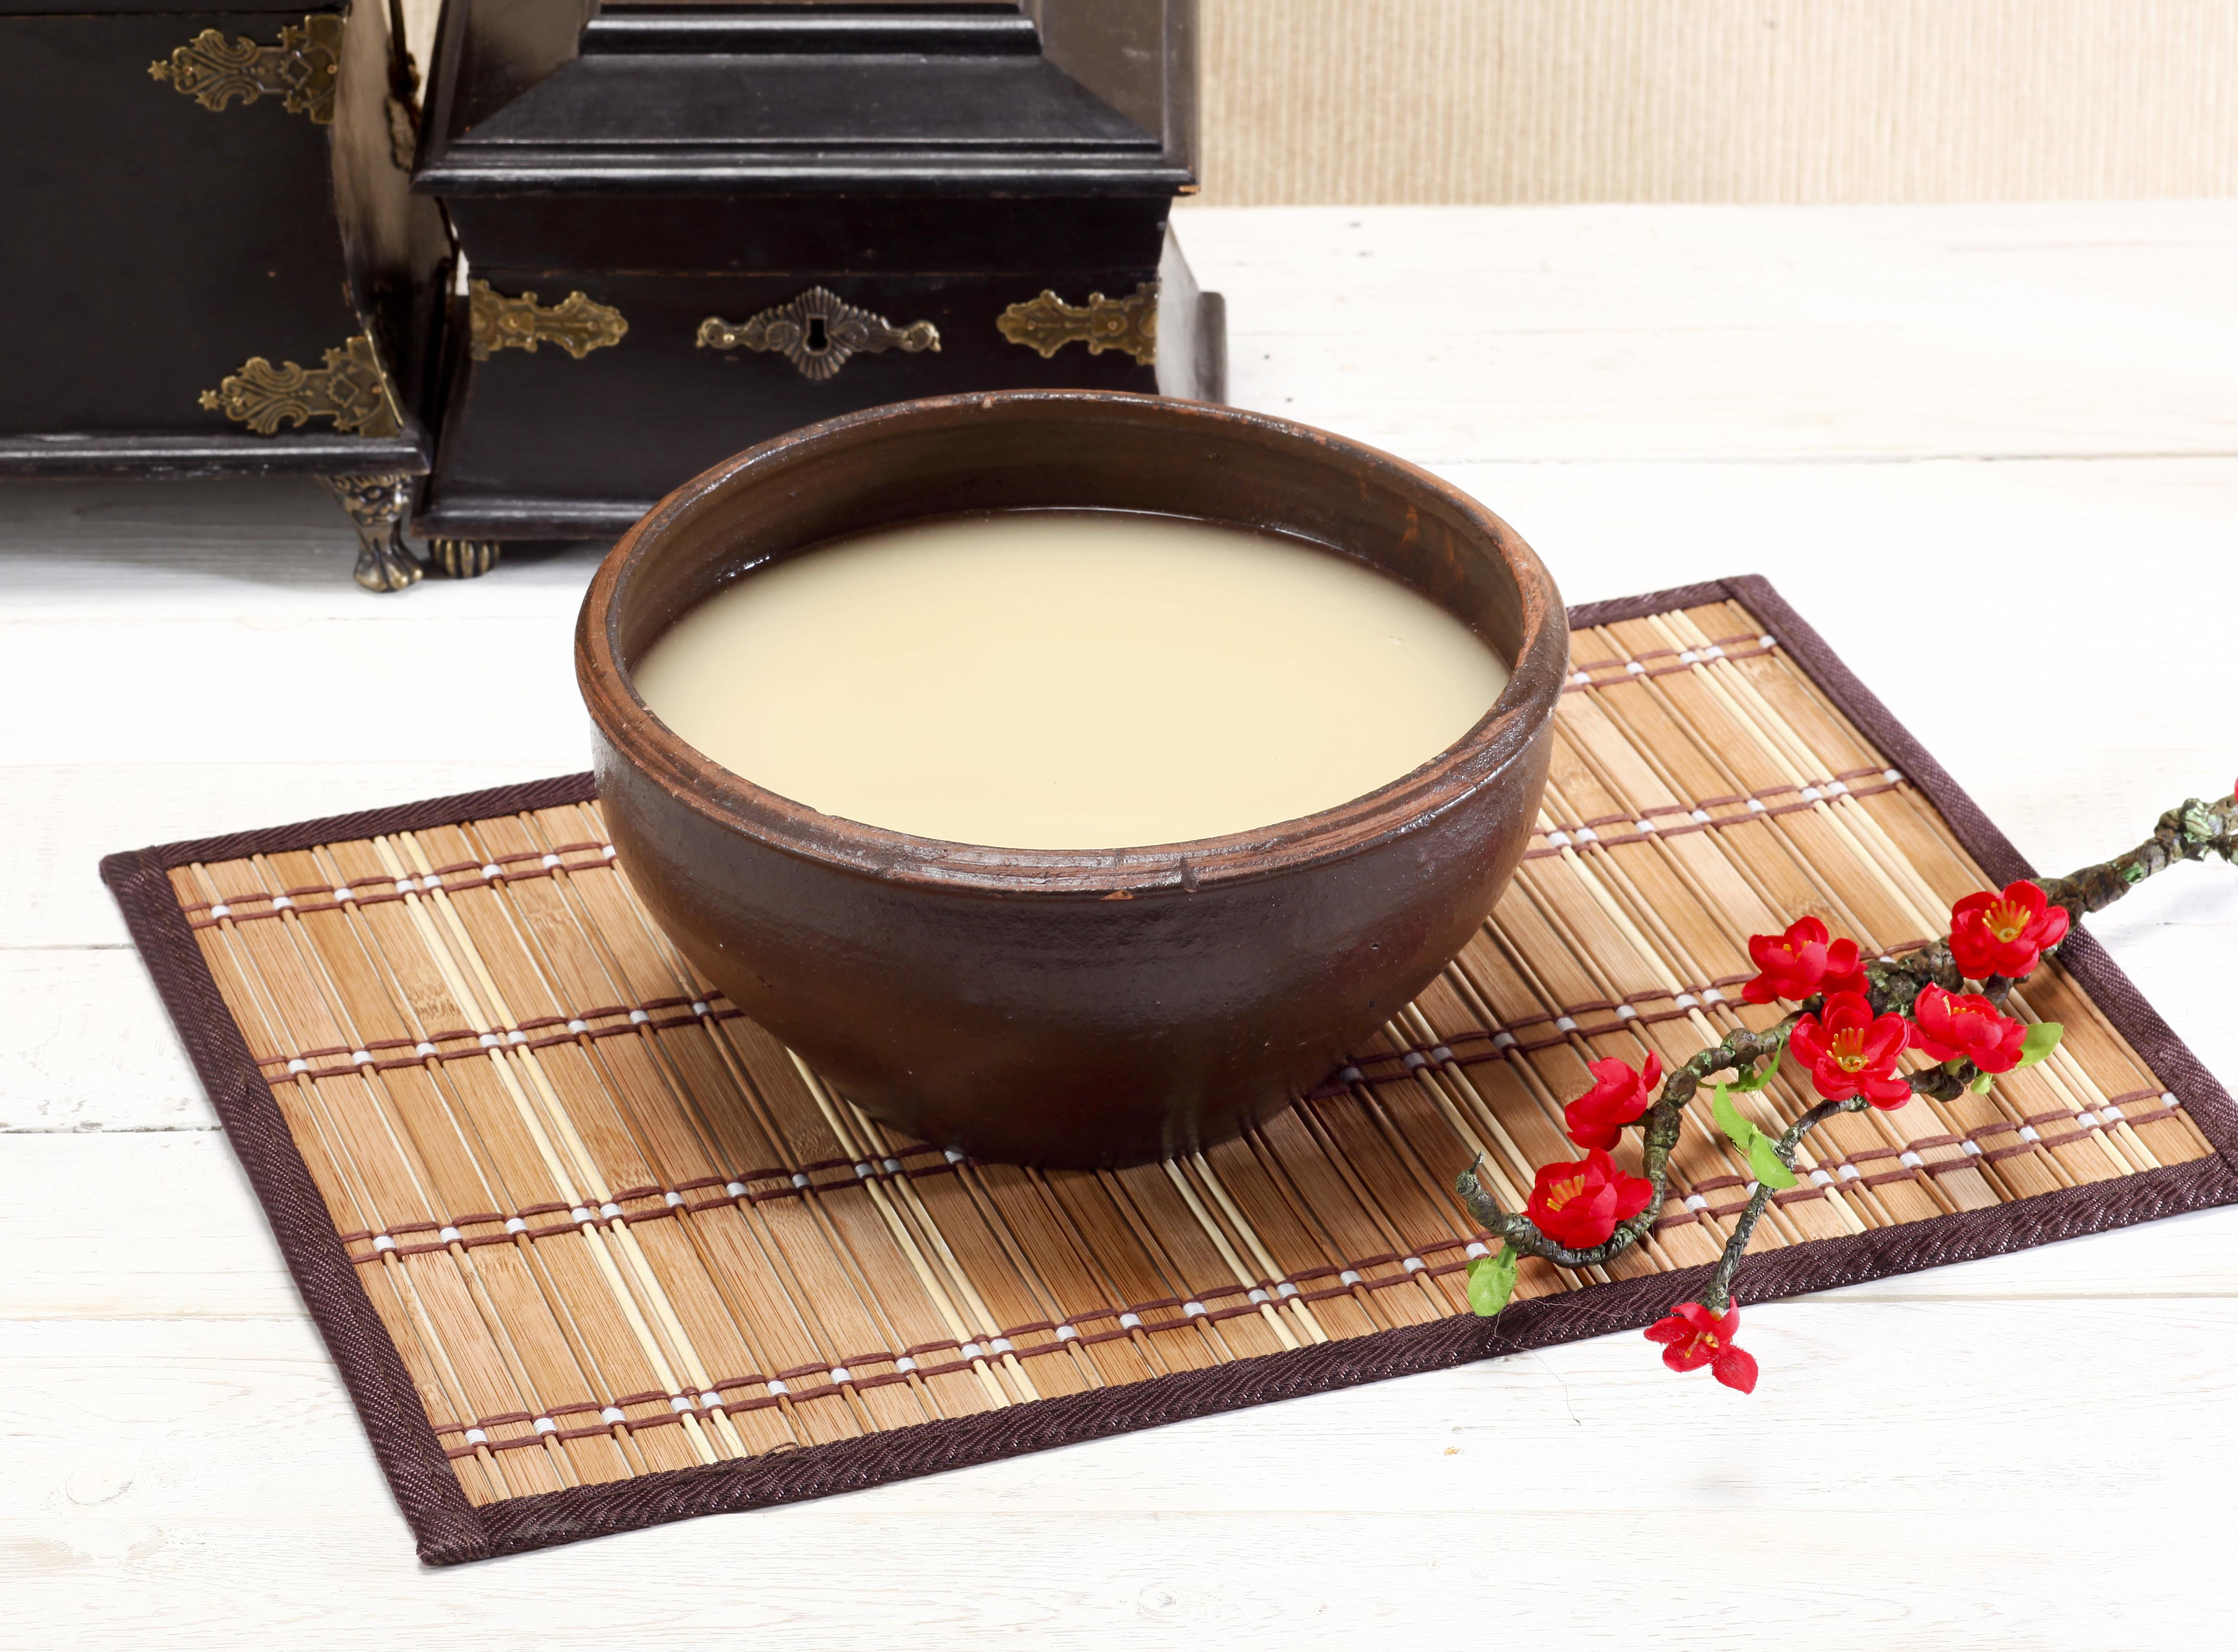 번암막걸리,전라북도 장수군,지역특산물